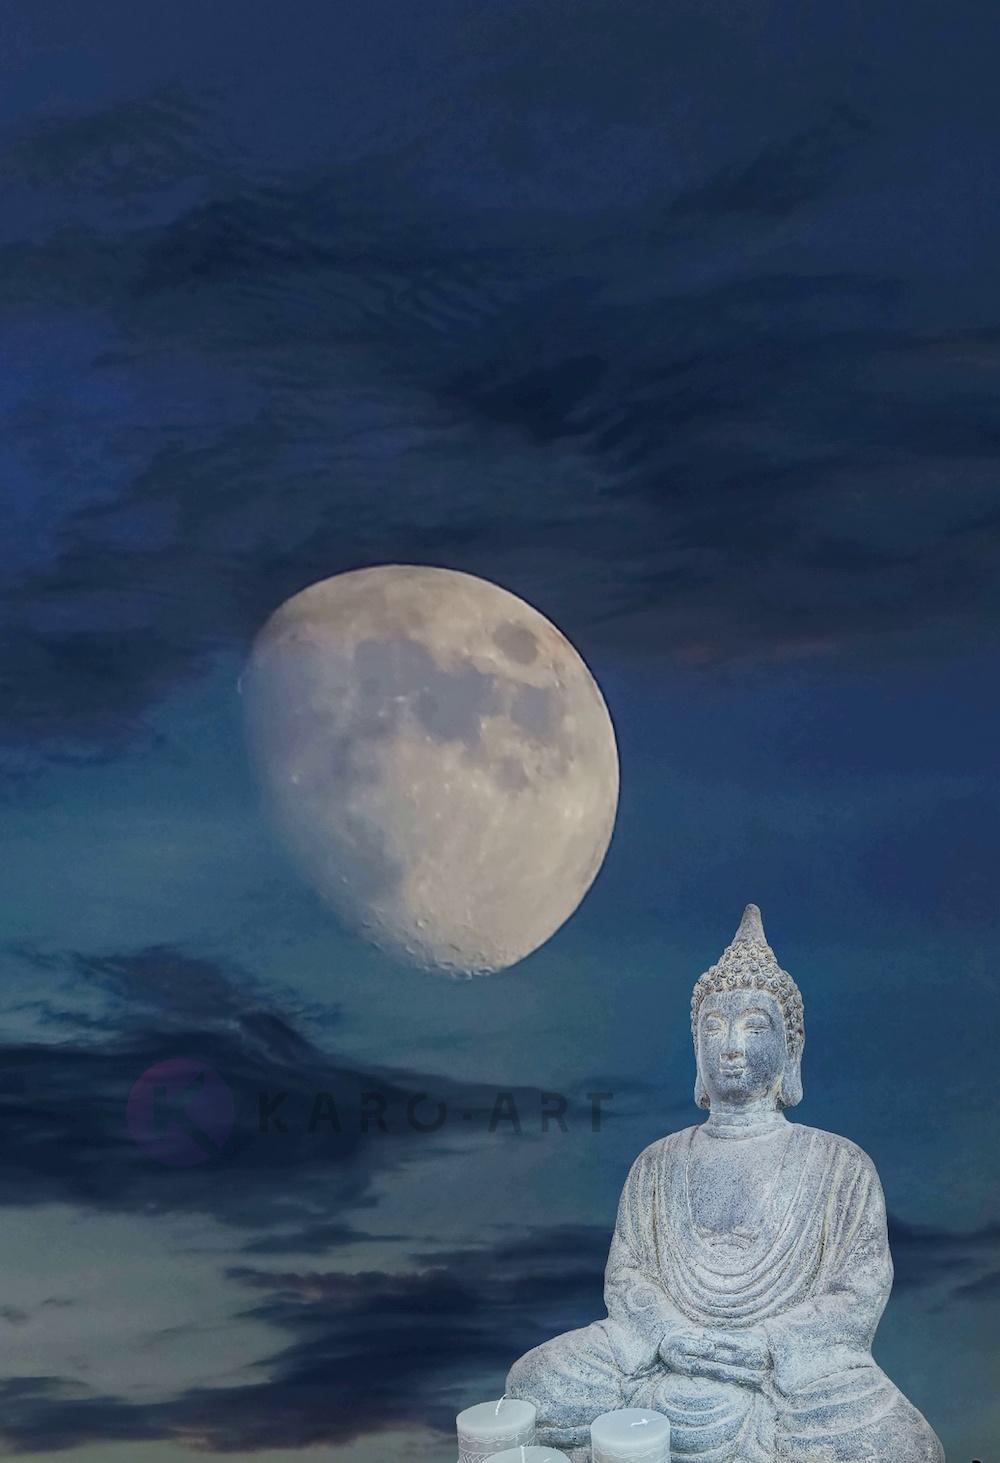 Afbeelding op acrylglas - Boeddha, meditatie in het maanlicht